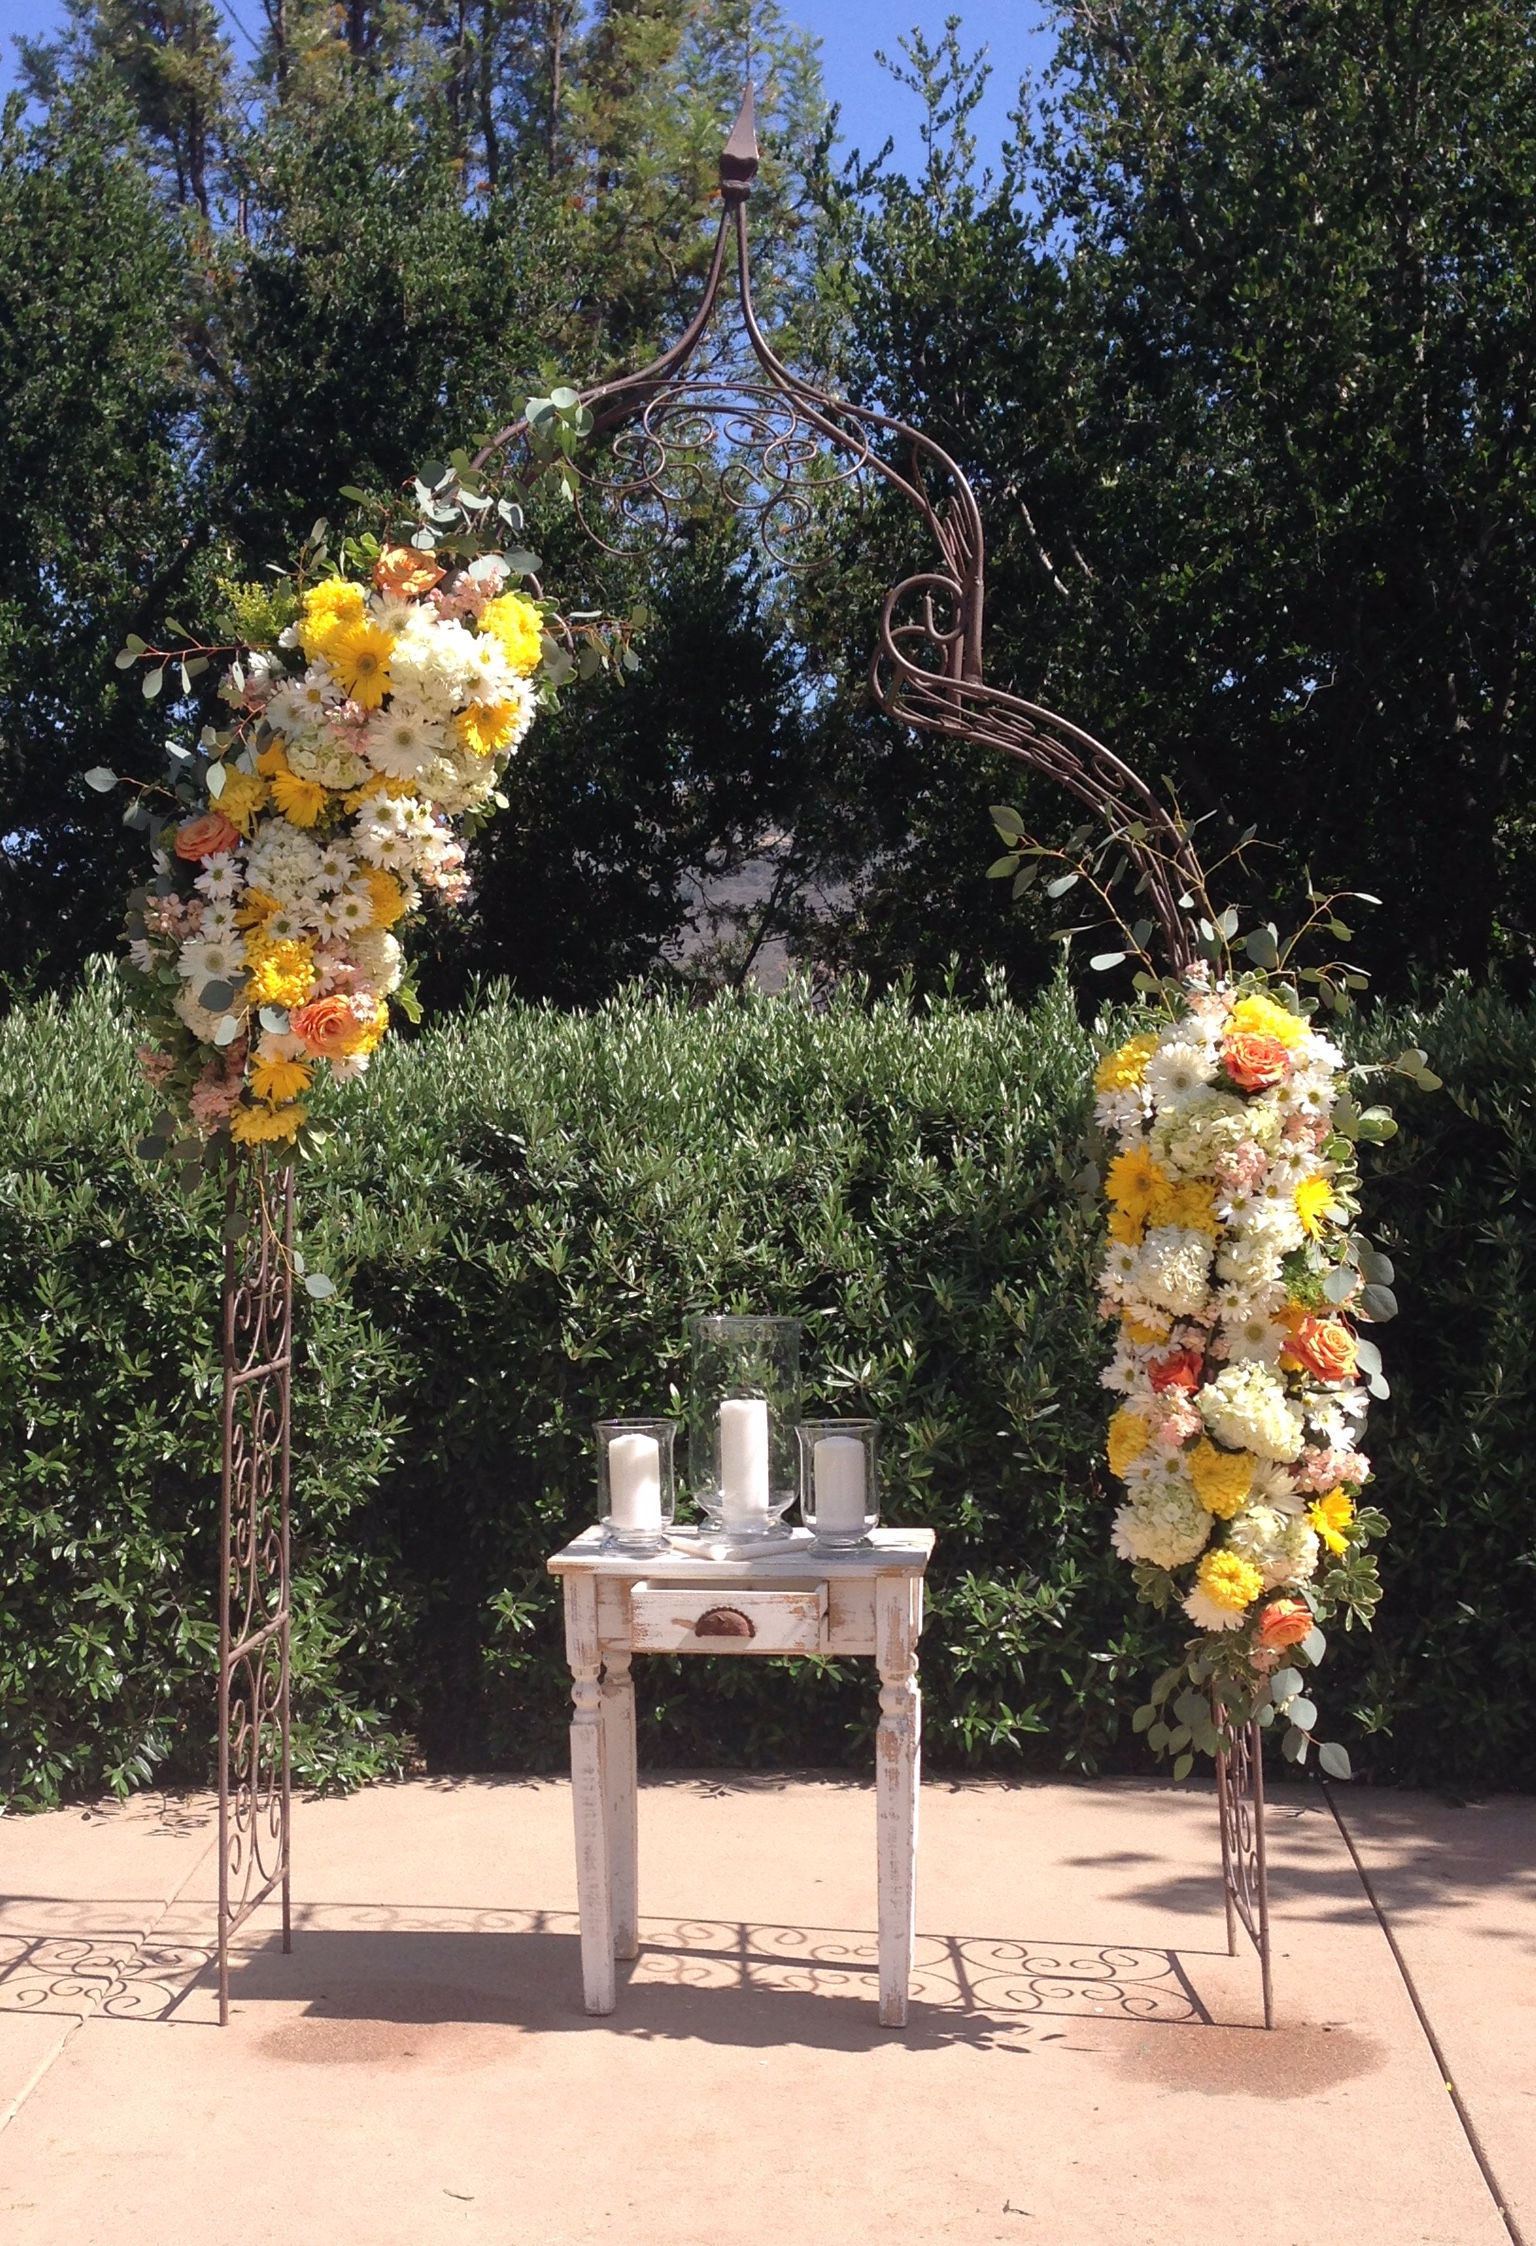 Maravilla Gardens, Camarillo by The Exotic Green Garden